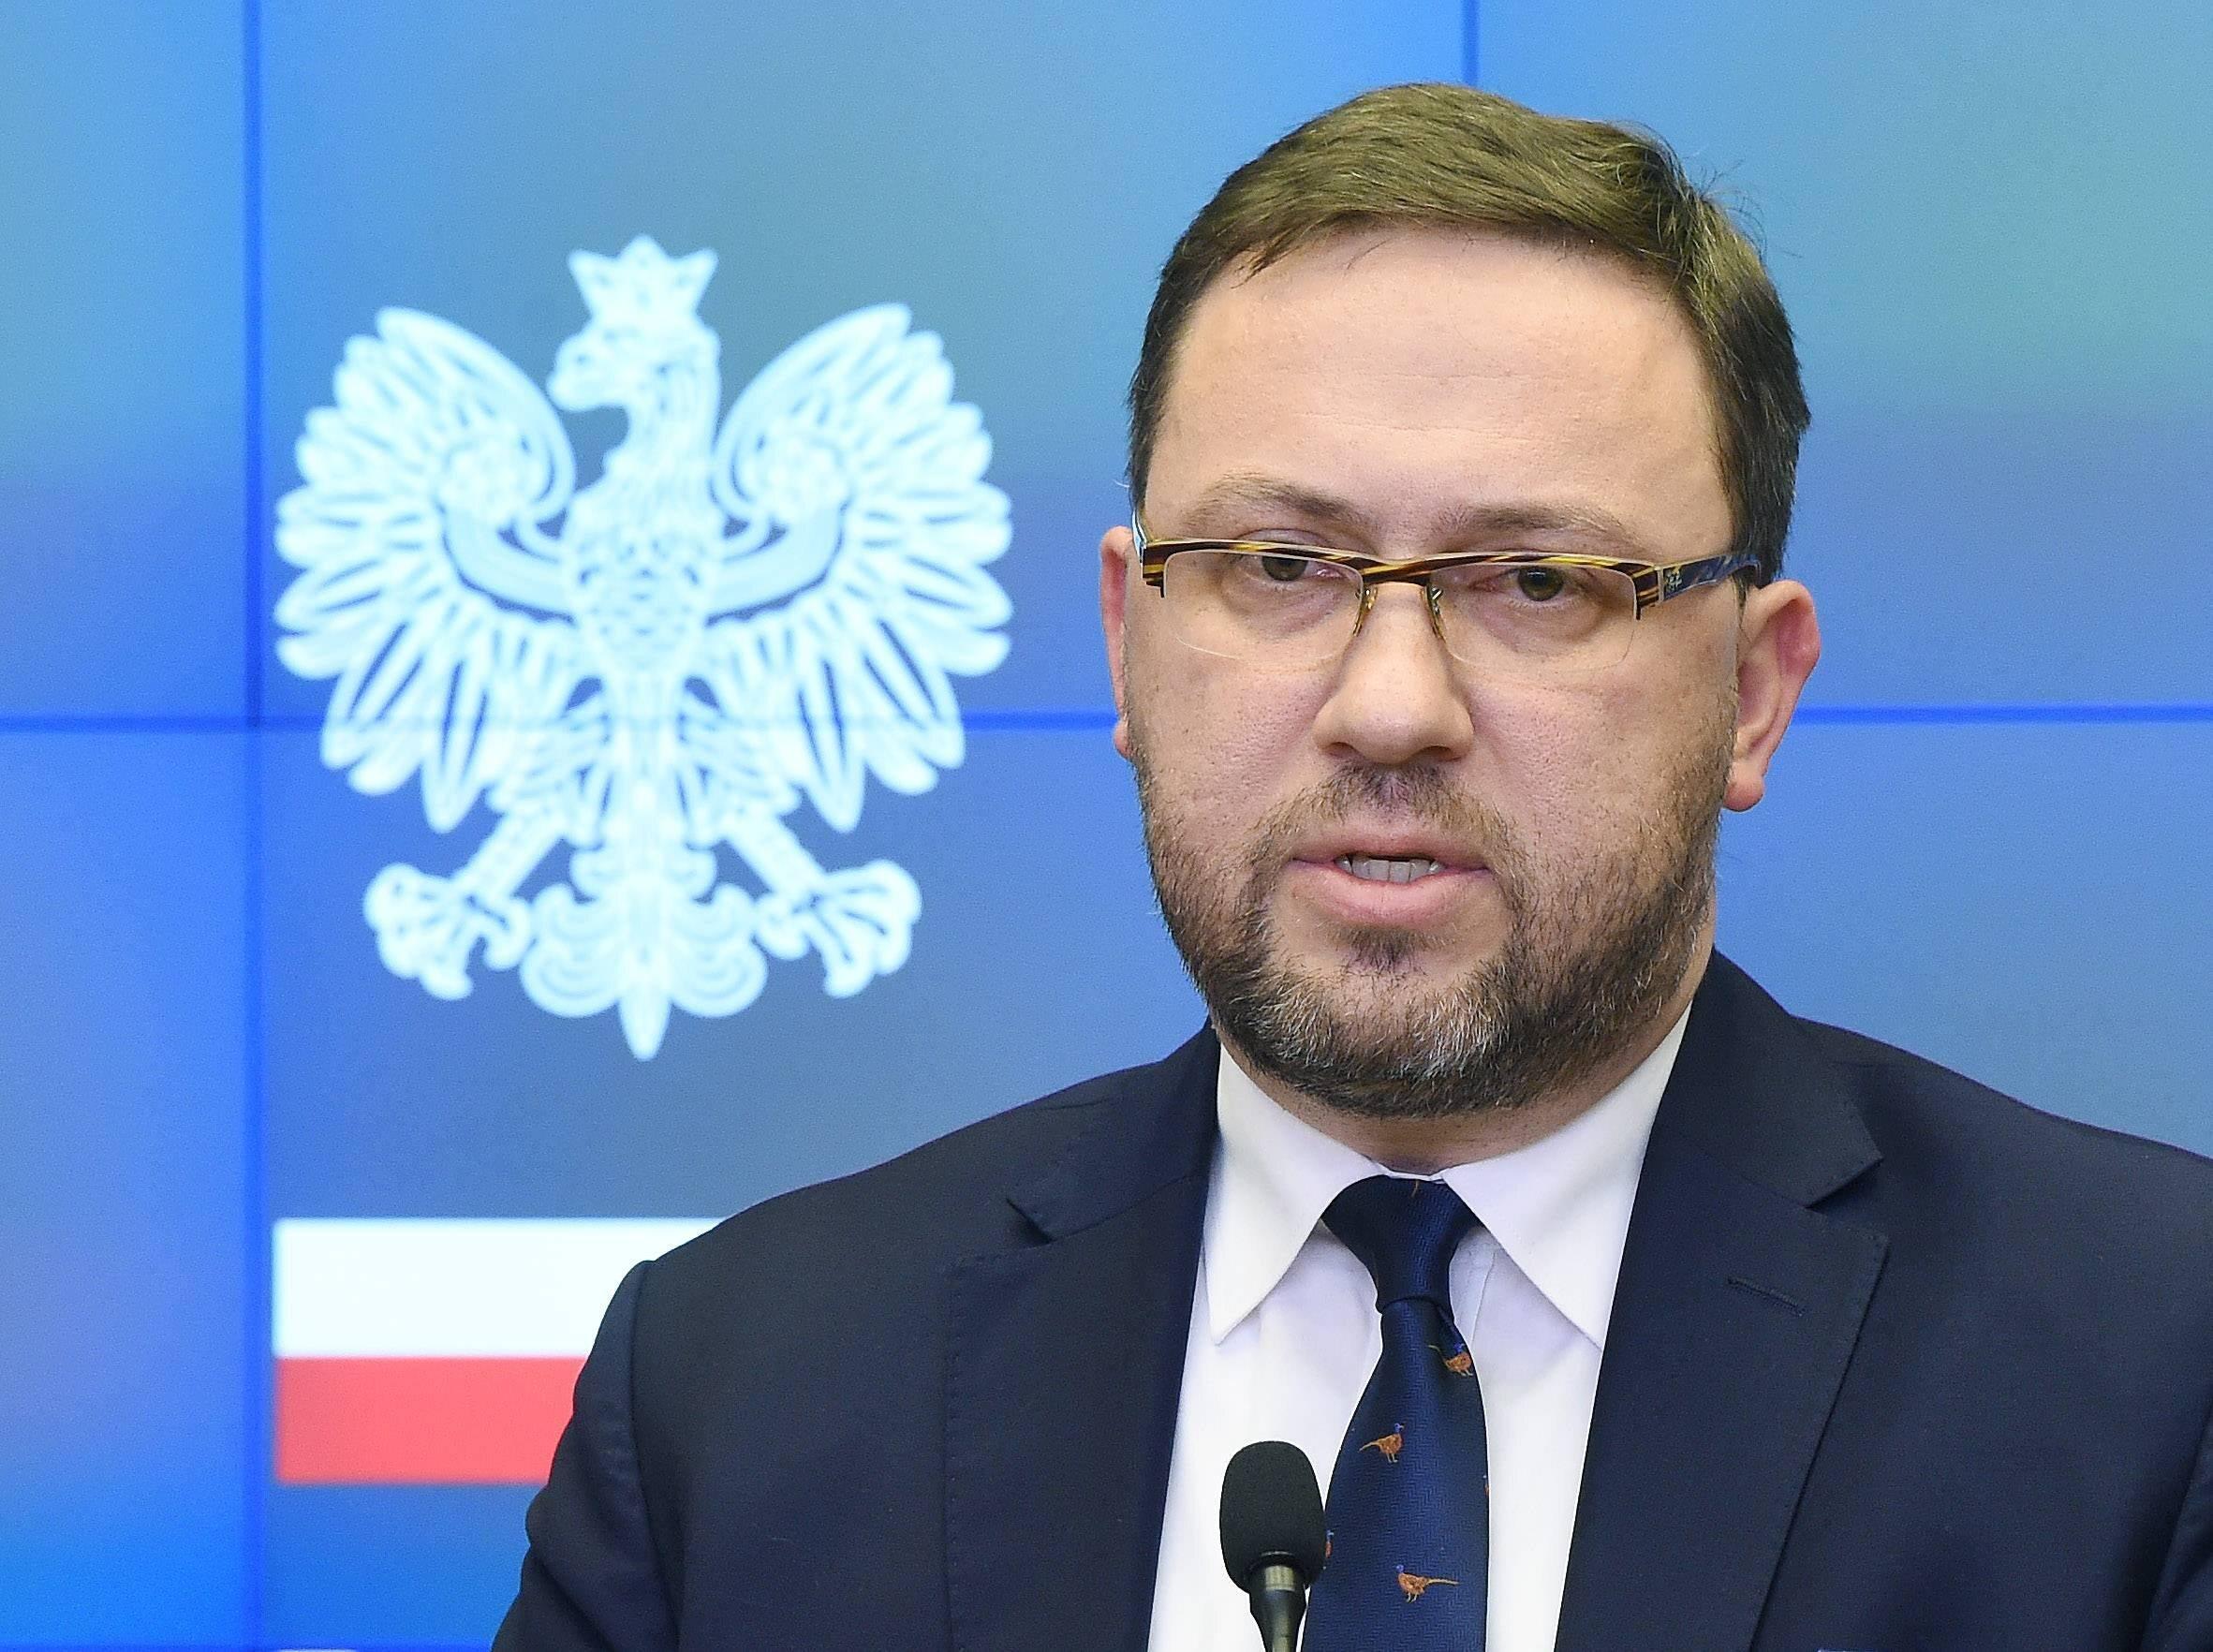 Wiceszef MSZ, szef zespołu ds. dialogu prawno-historycznego z Izraelem Bartosz Cichocki